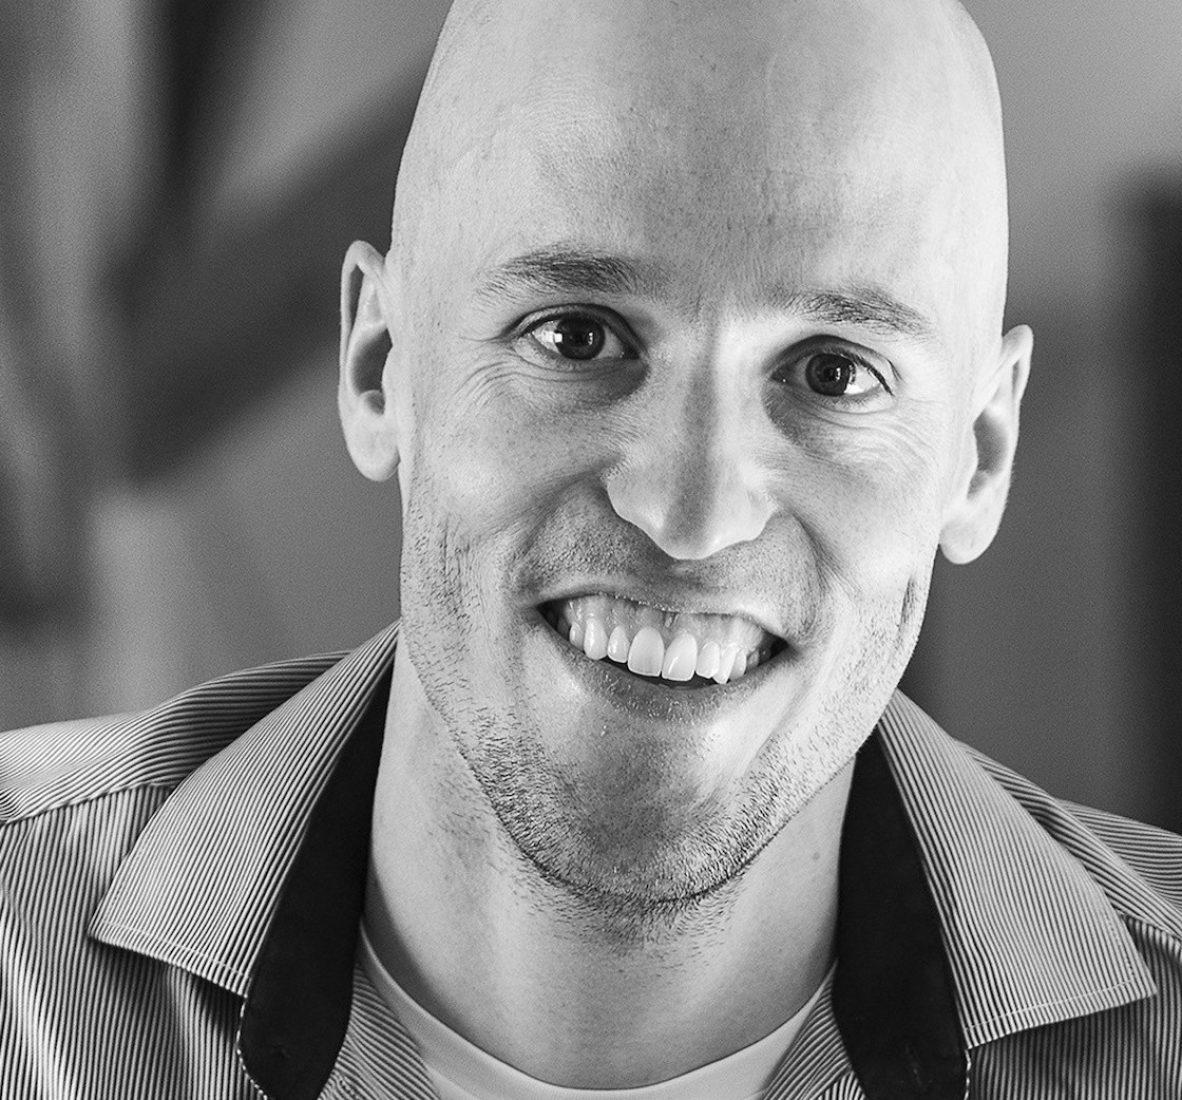 Andreas Trunz vertritt Wild Country im Raum D/A/CH. Er ist Tourenleiter beim SAC und seit der Ausmusterung als Gebirgsspezialist der Schweizer Armee wieder bekennender Pazifist.